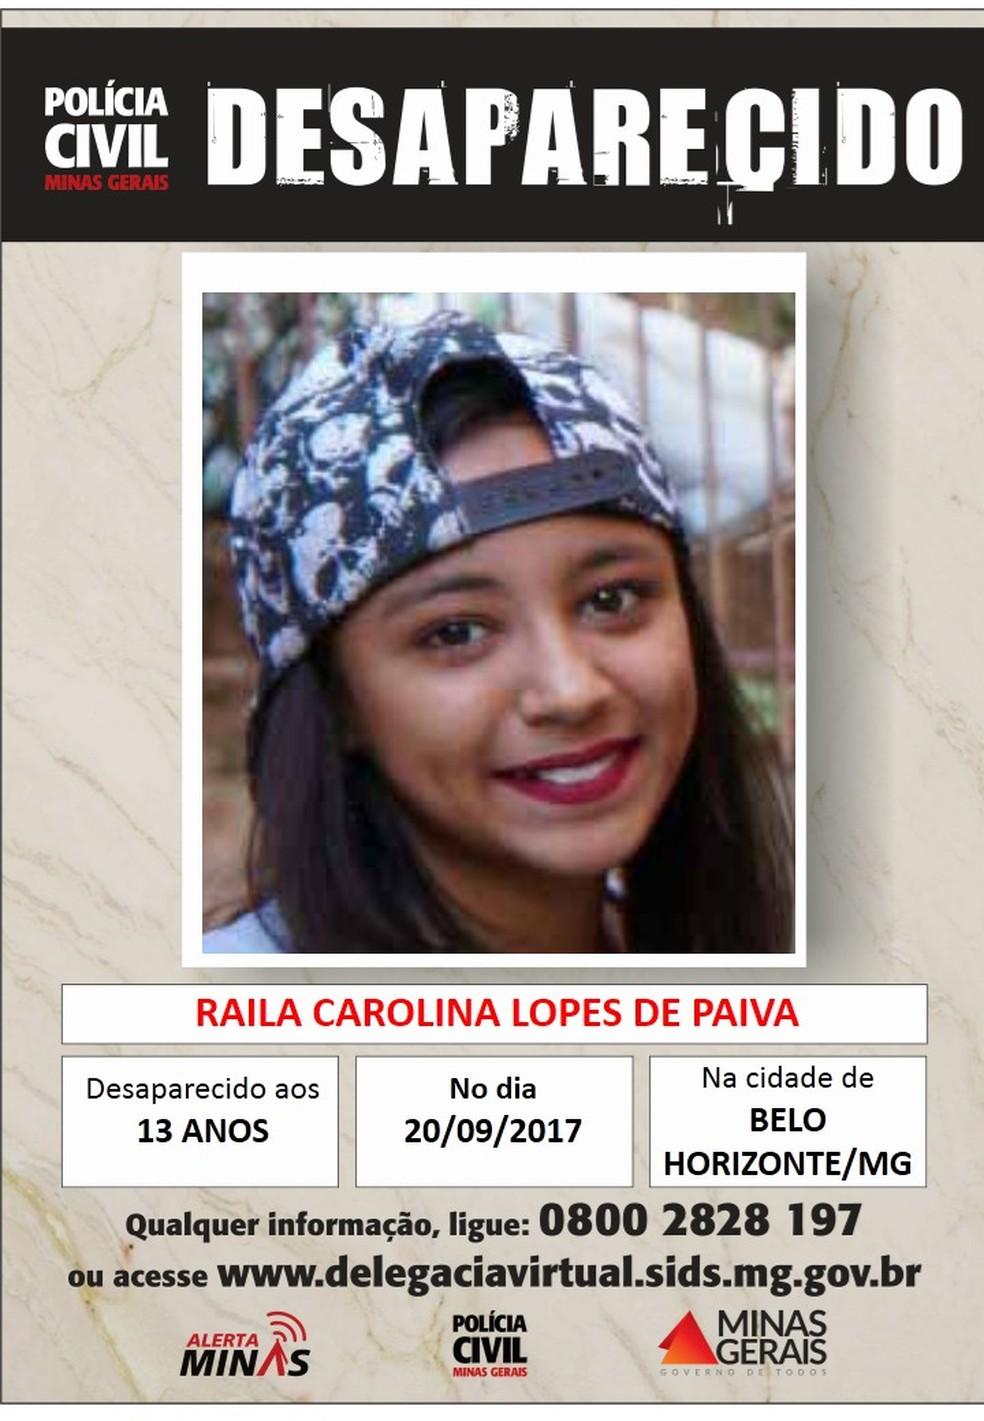 Raila Carolina Lopes de Paiva, de 13 anos (Foto: Polícia Civil/Divulgação)